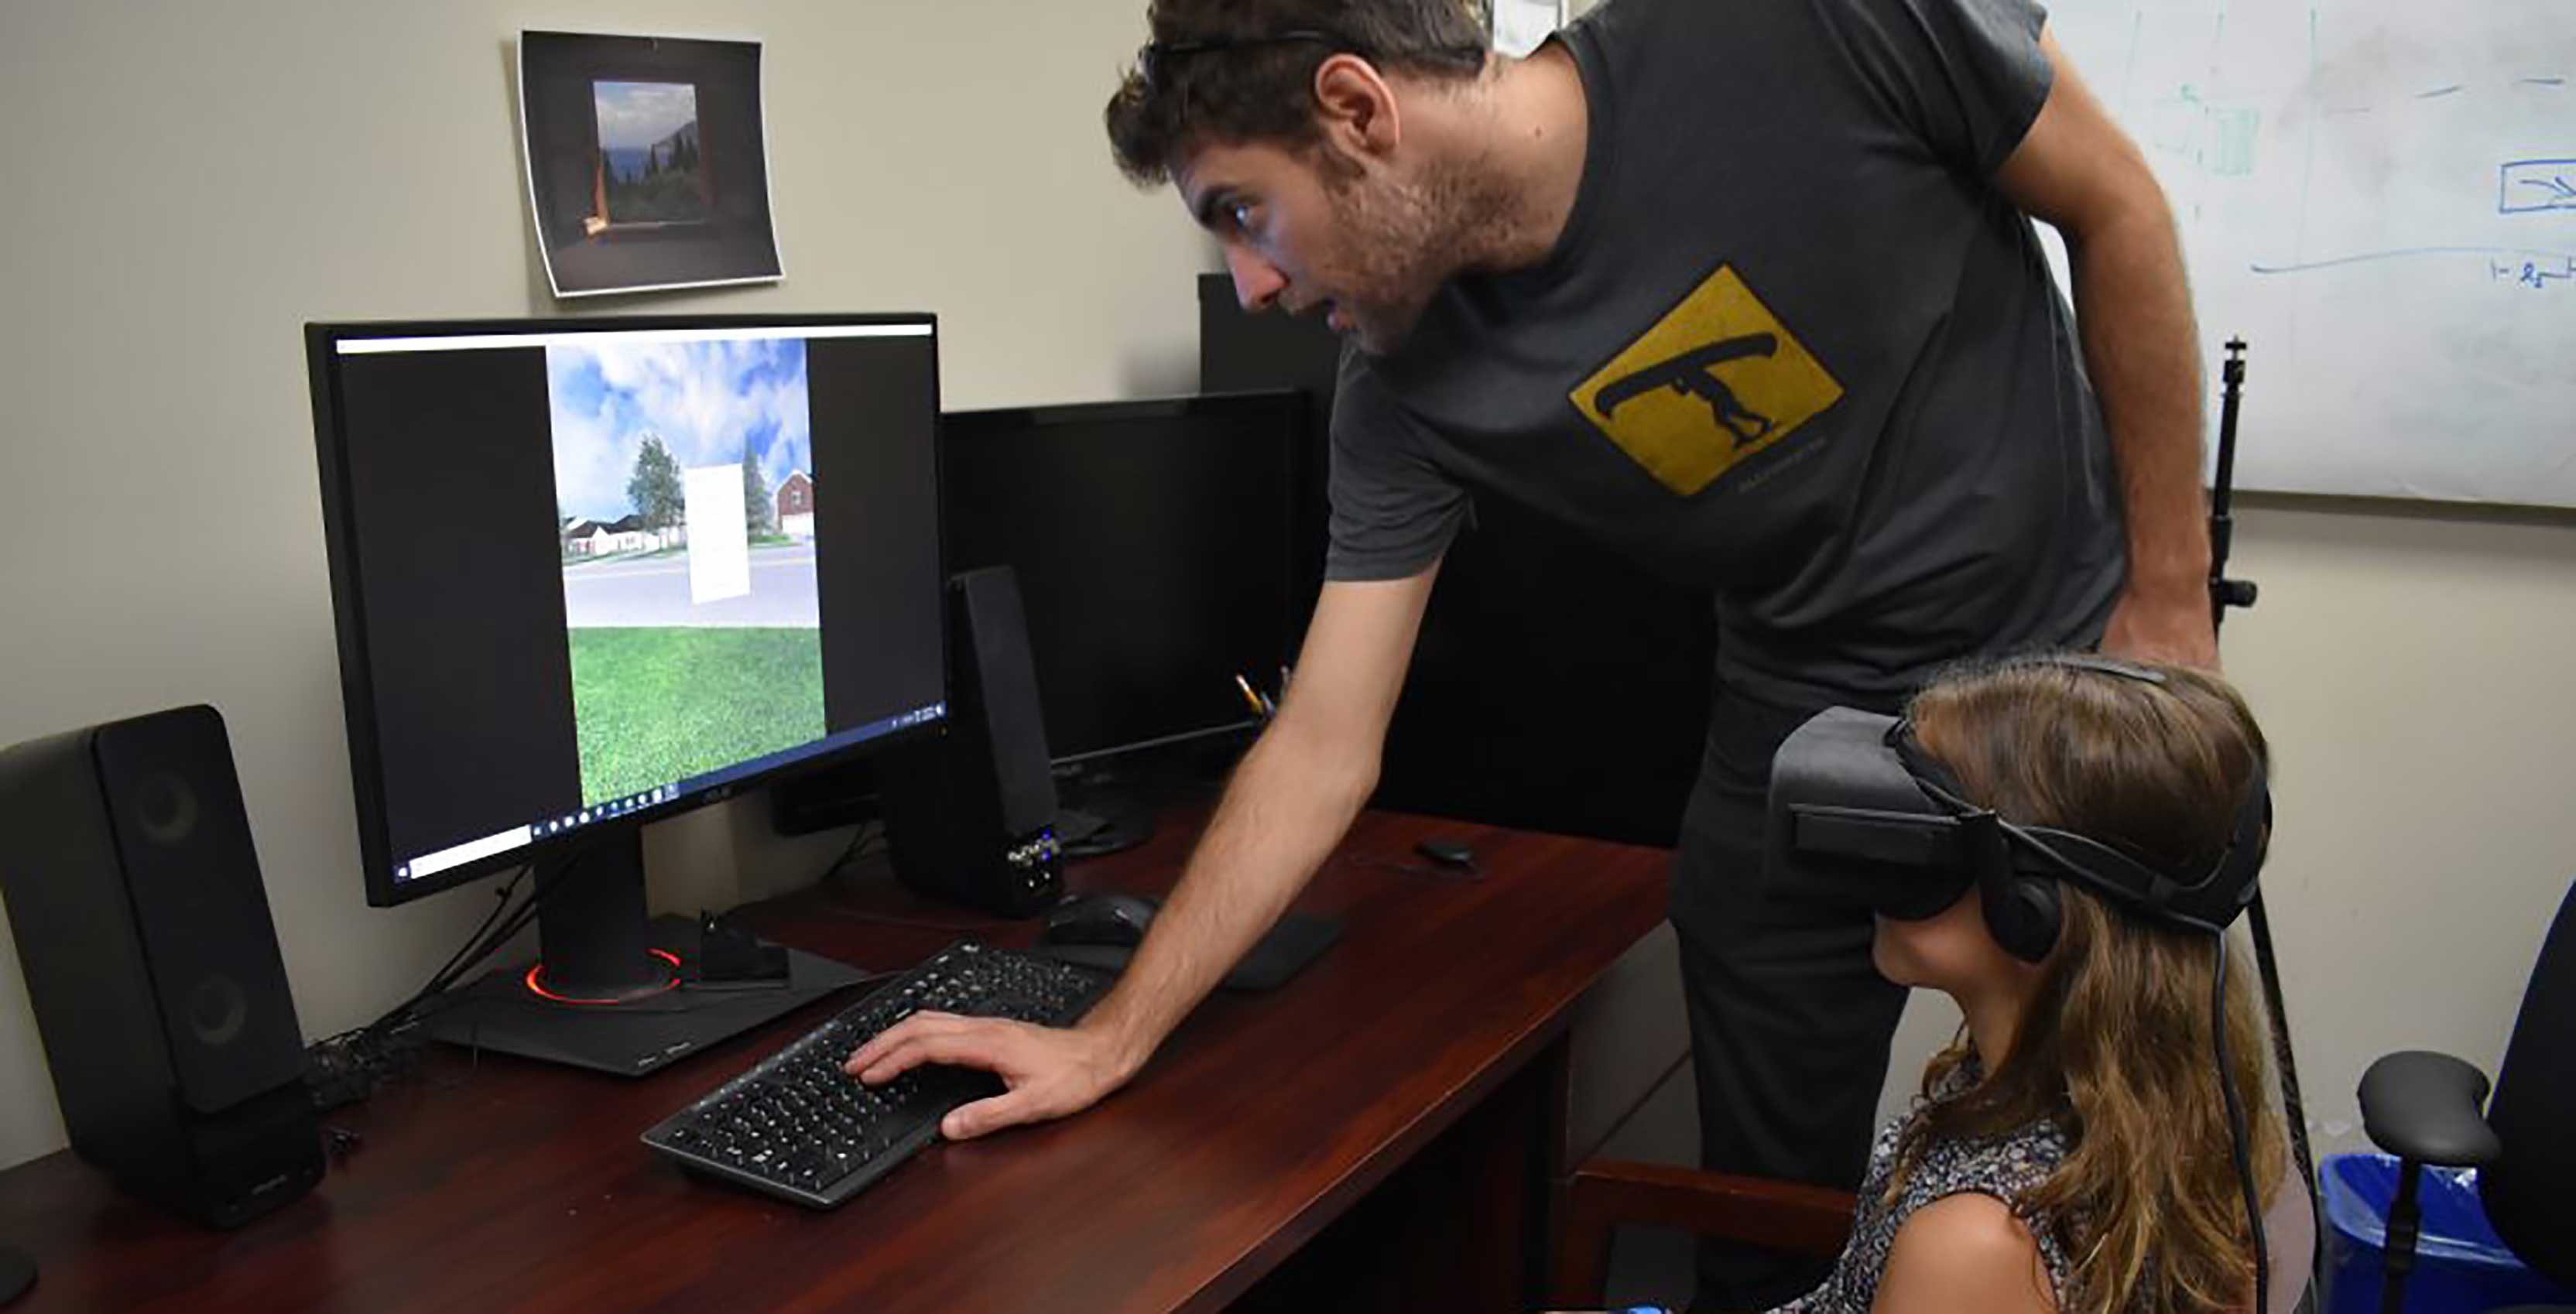 University of Guelph VR kids